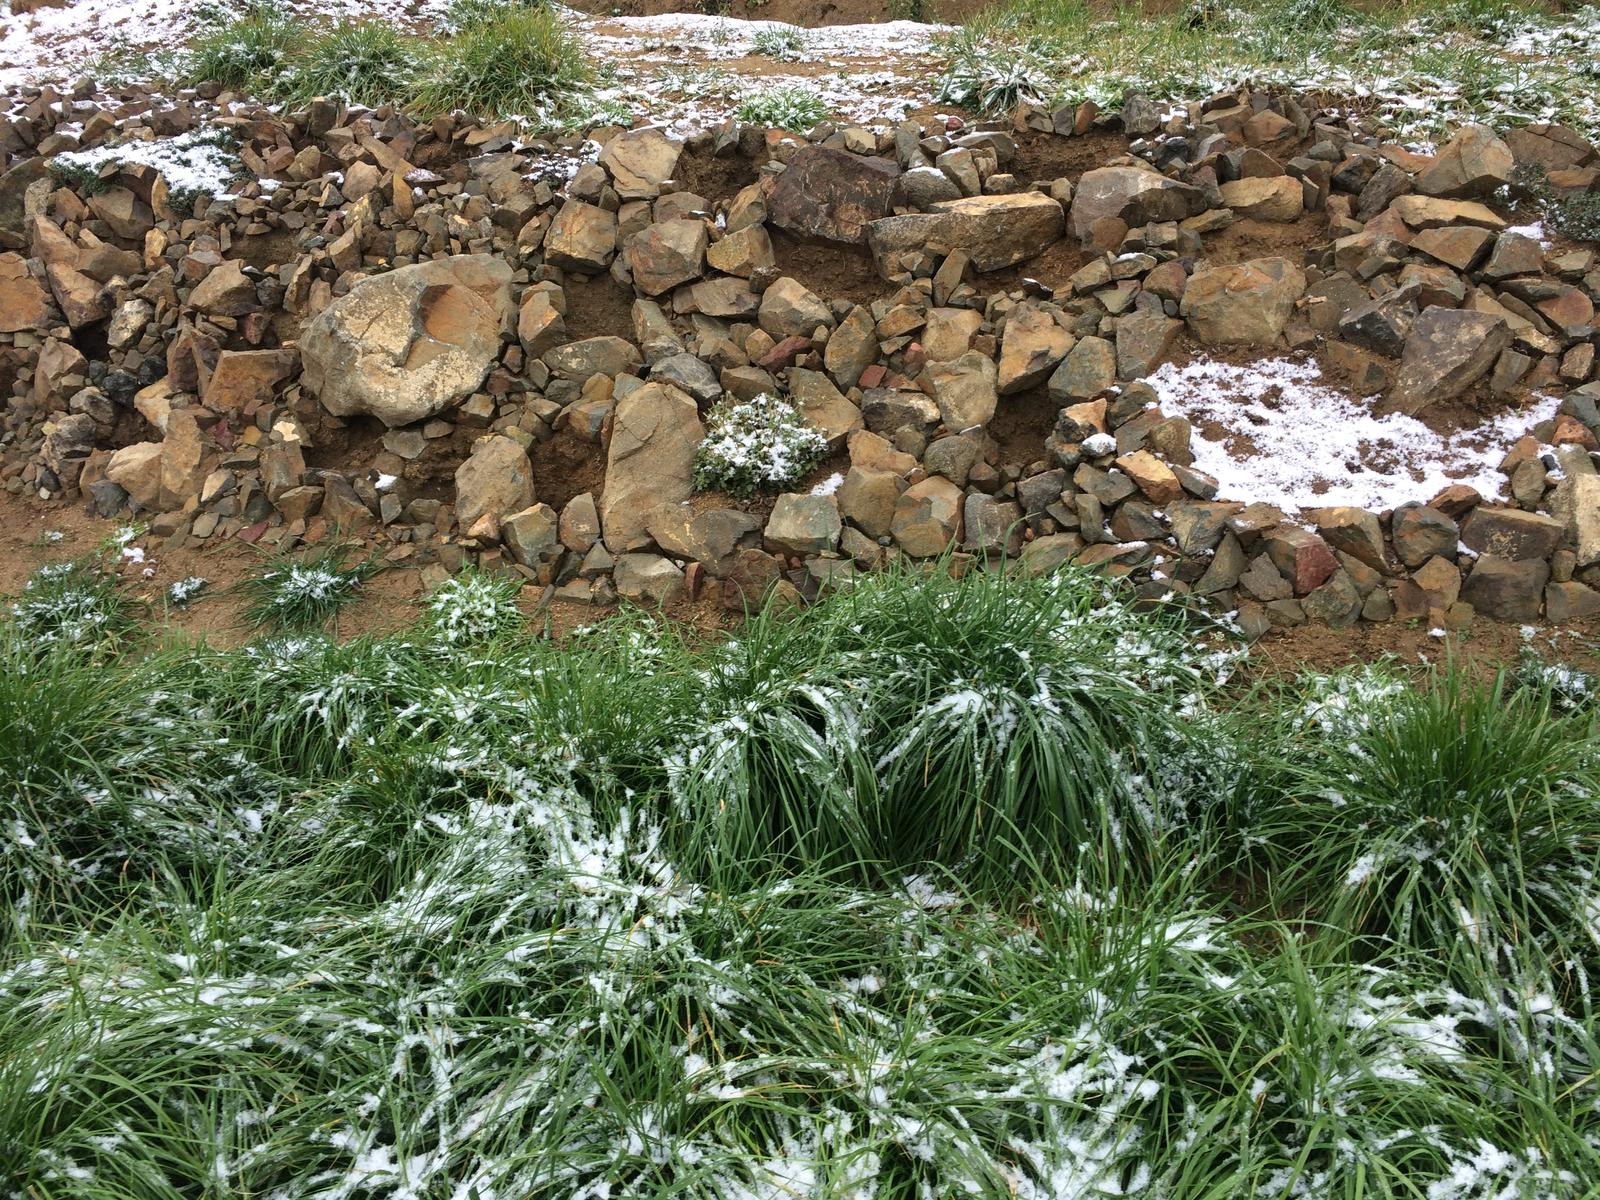 Skřítčí zahrada 2015 - 2020 - Listopad 2017 - první poprašek sněhu